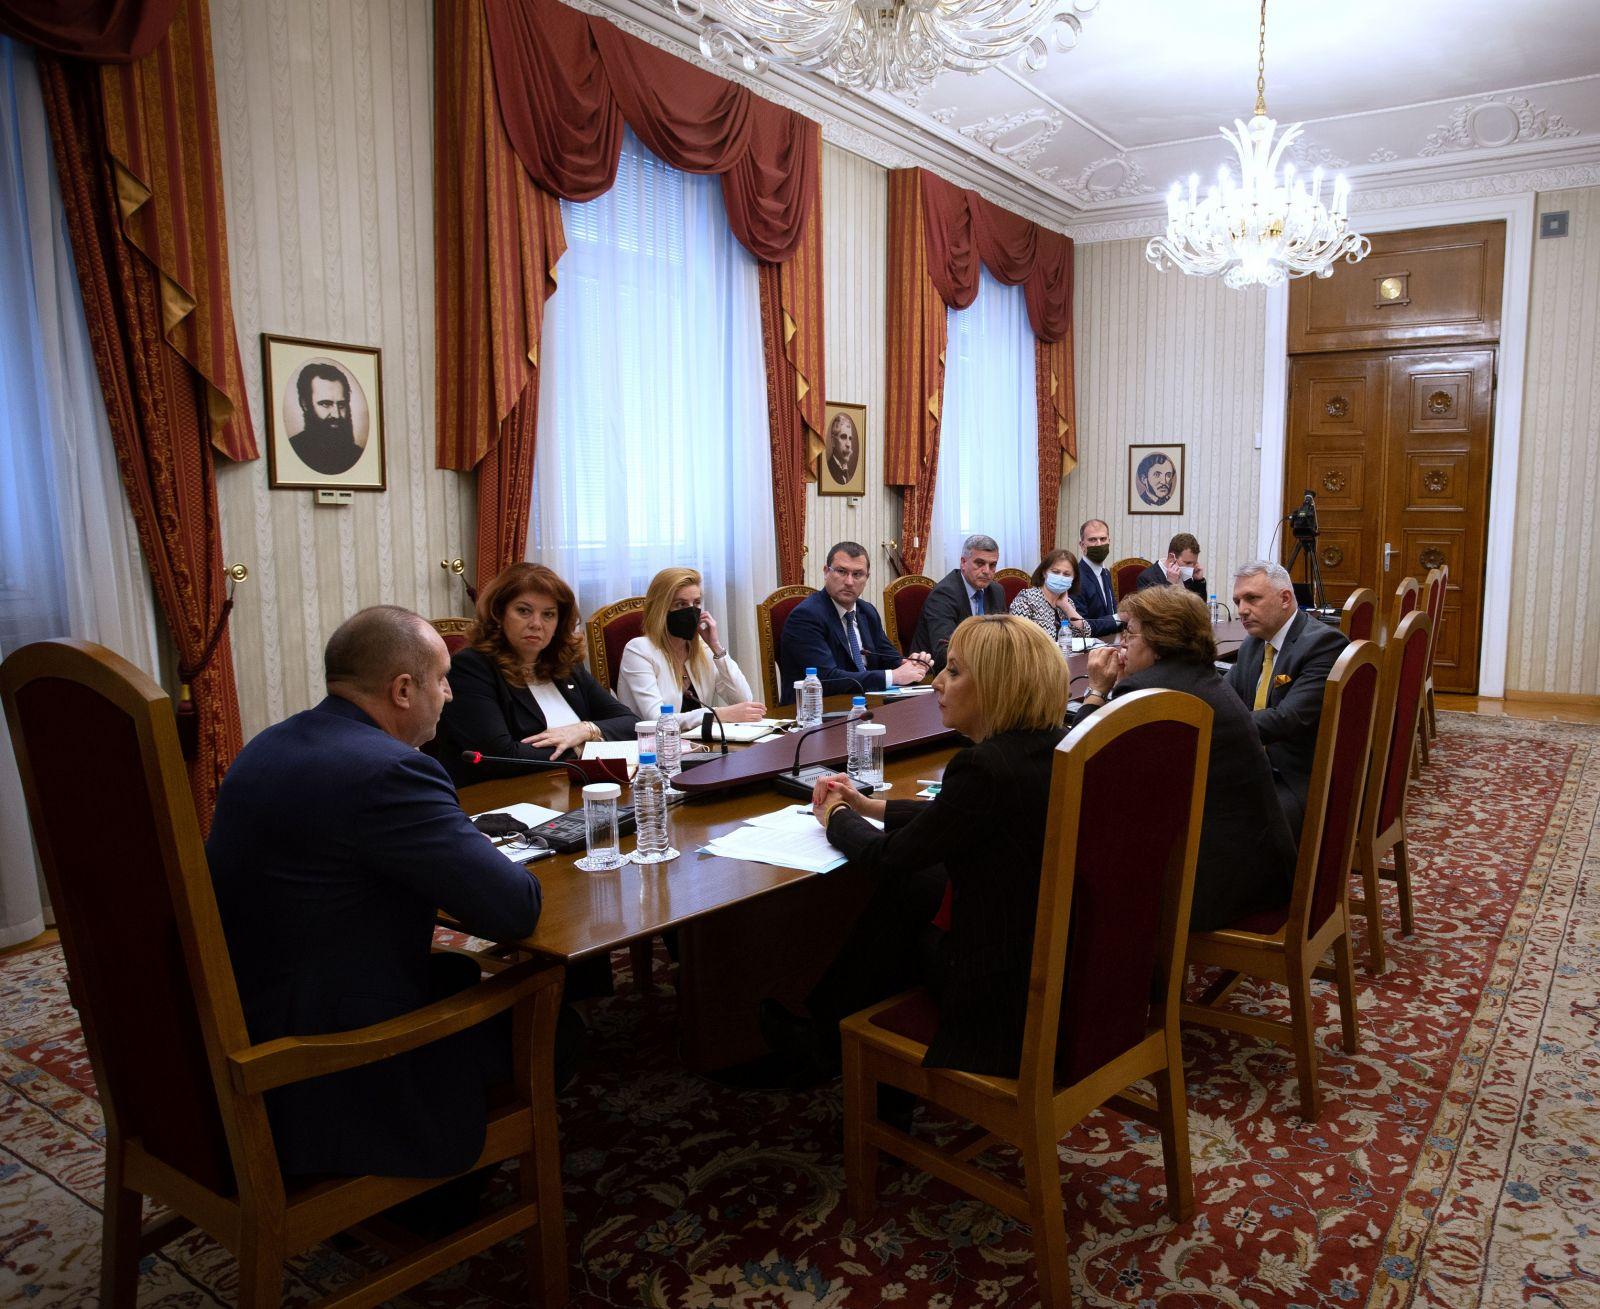 """Румен Радев проведе консултации с представители на парламентарната група  """"Изправи се! Мутри вън!"""" в 45-ото Народно събрание"""